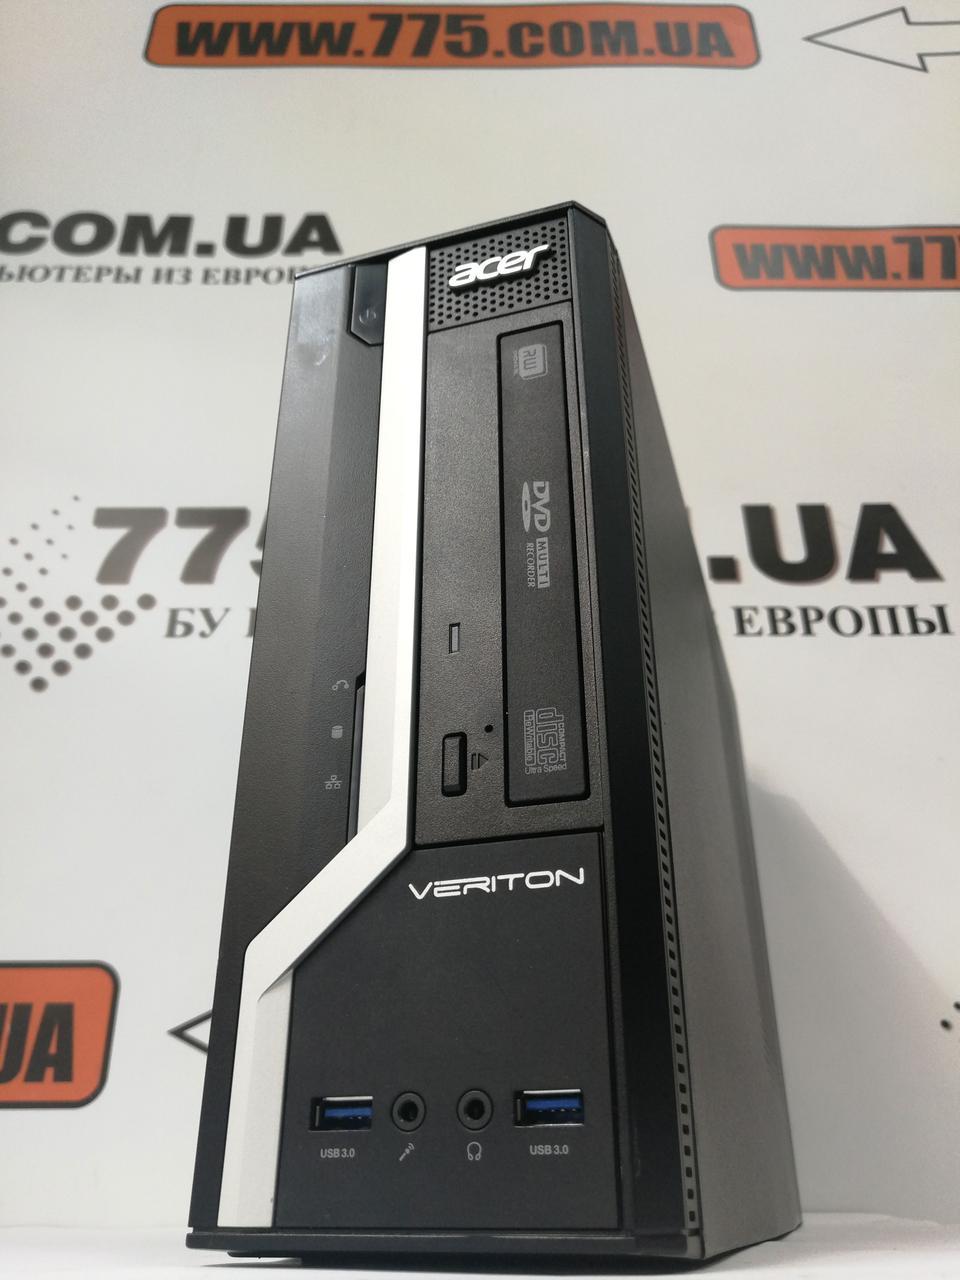 Компьютер Acer Veriton SFF, Intel G3220 3.0GHz, RAM 4ГБ, SSD 120ГБ, Супер цена!